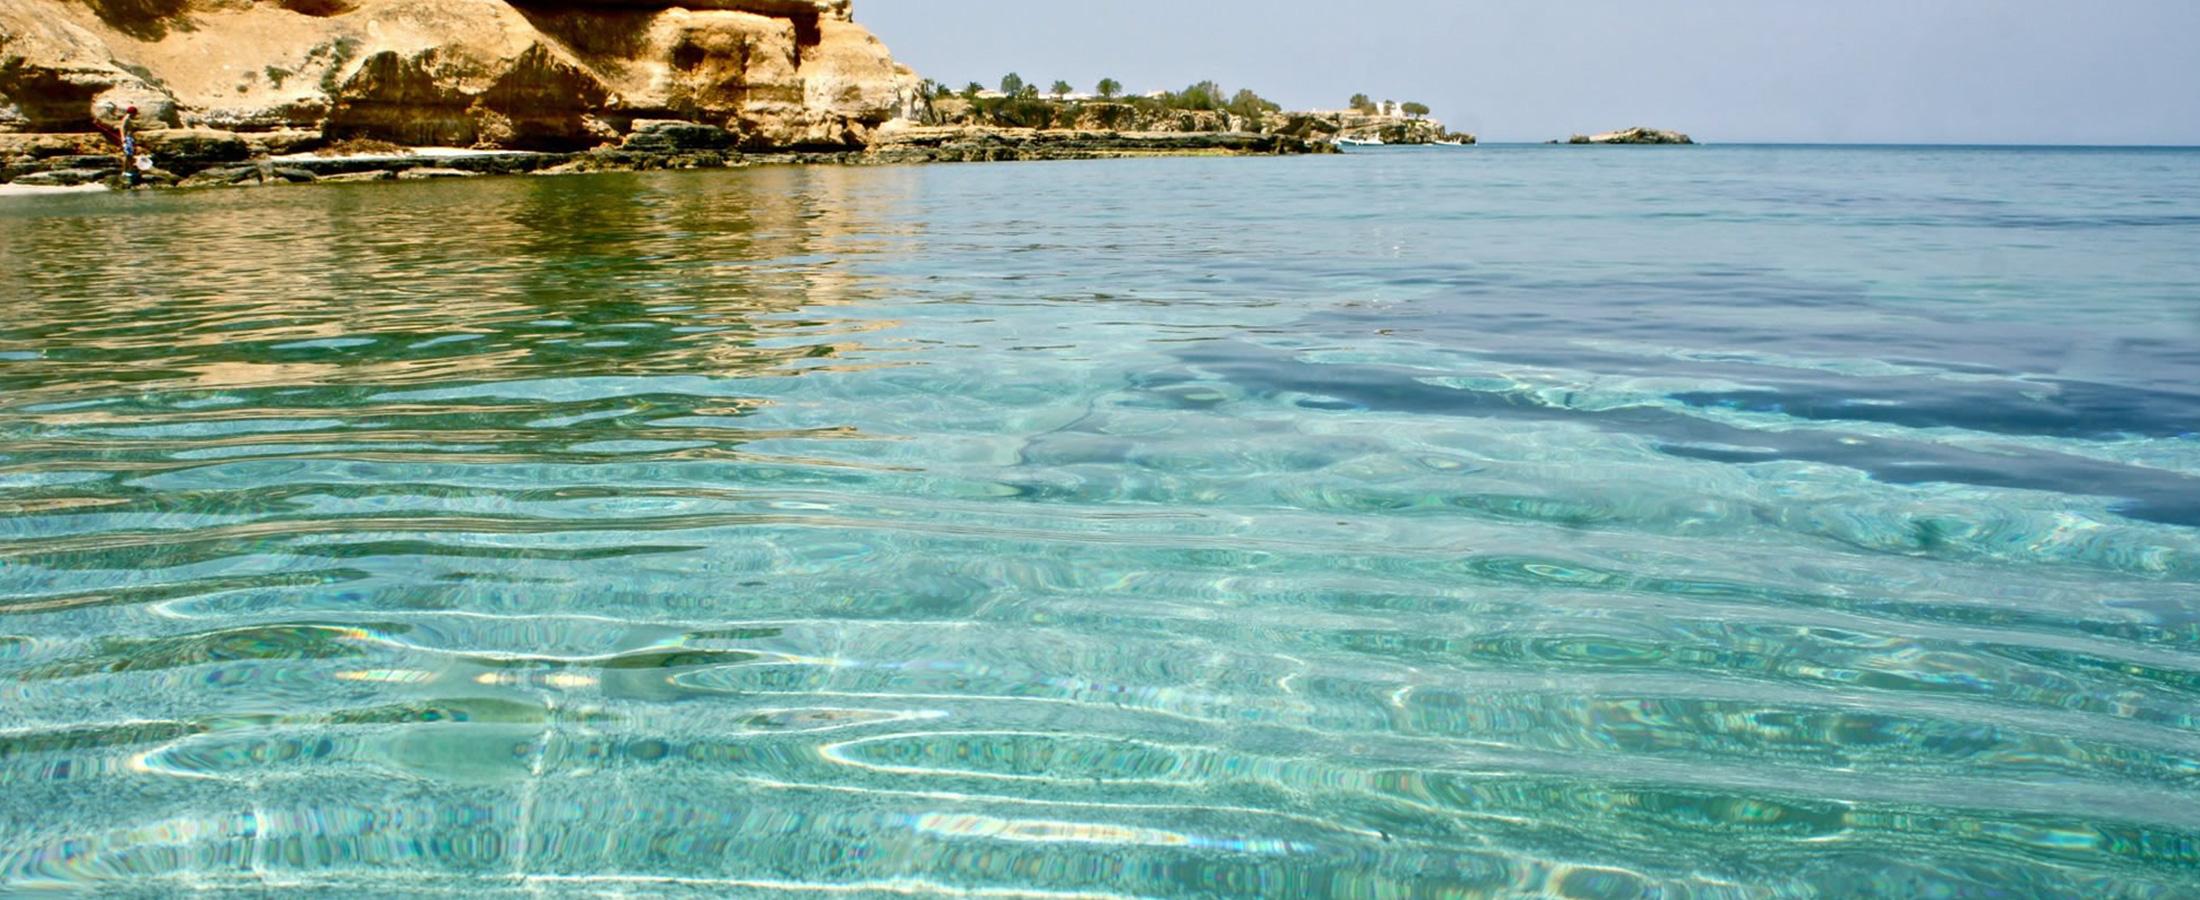 Creta-giro-del-mondo